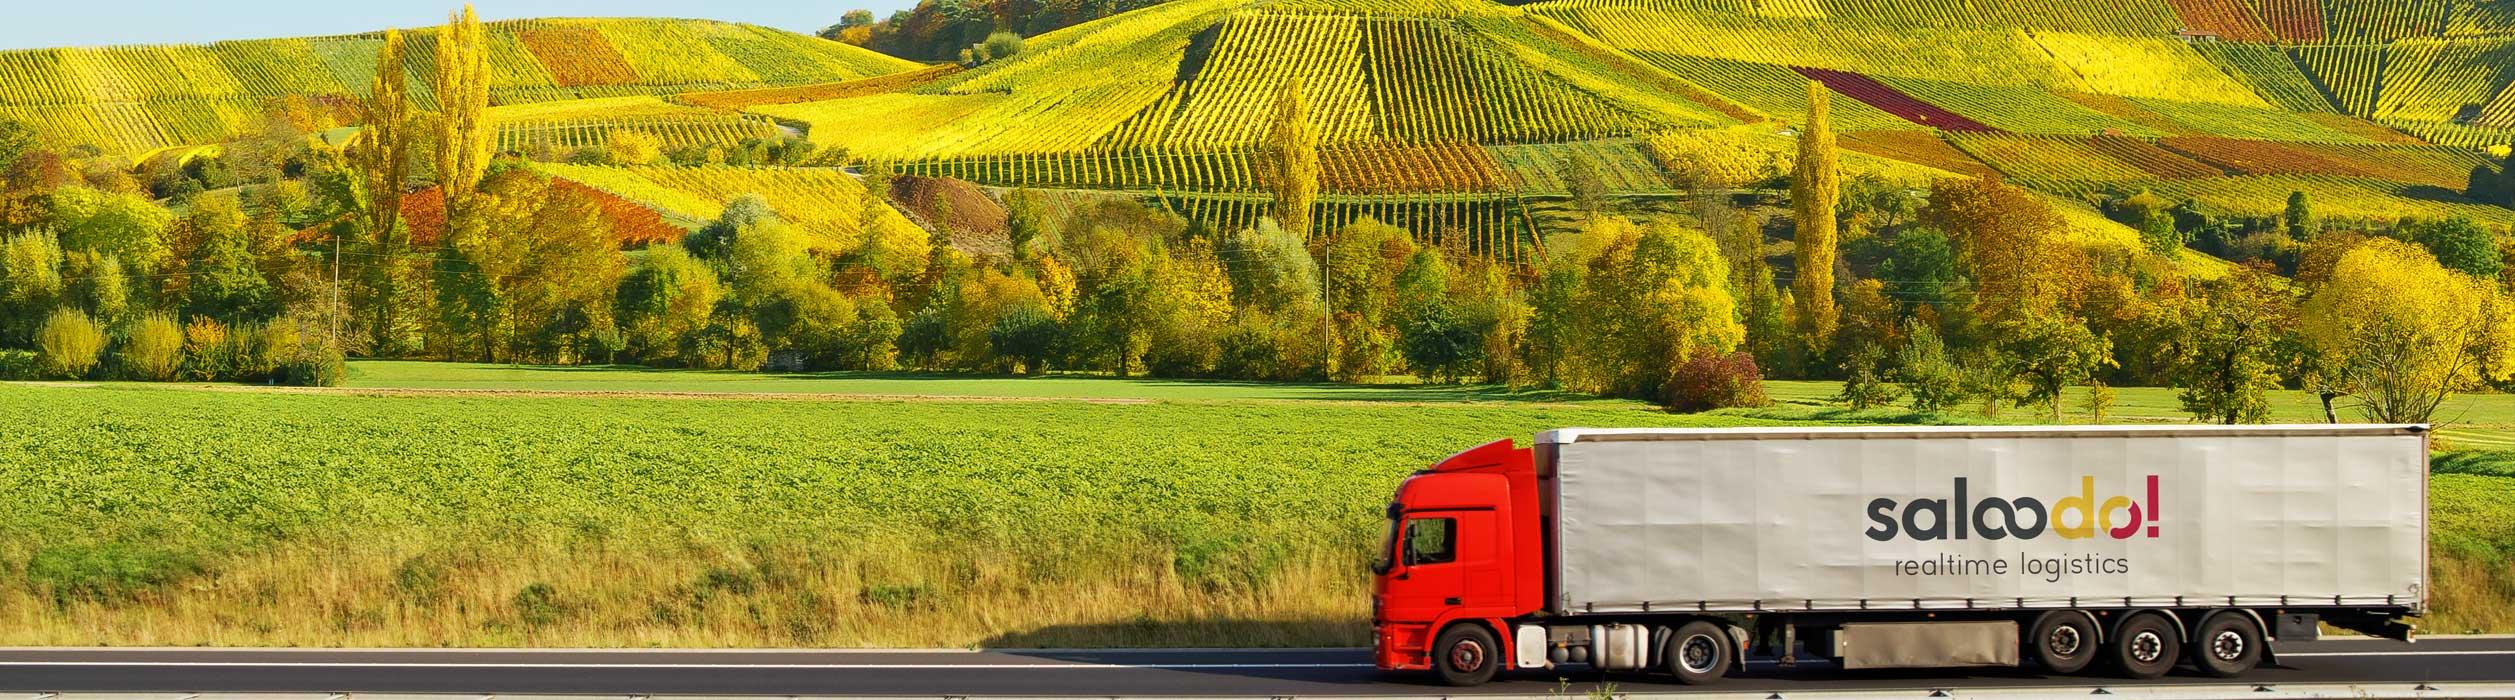 LKW für Weintransport fährt zum Transport von Wein auf einer Straße vor einem Weinberg